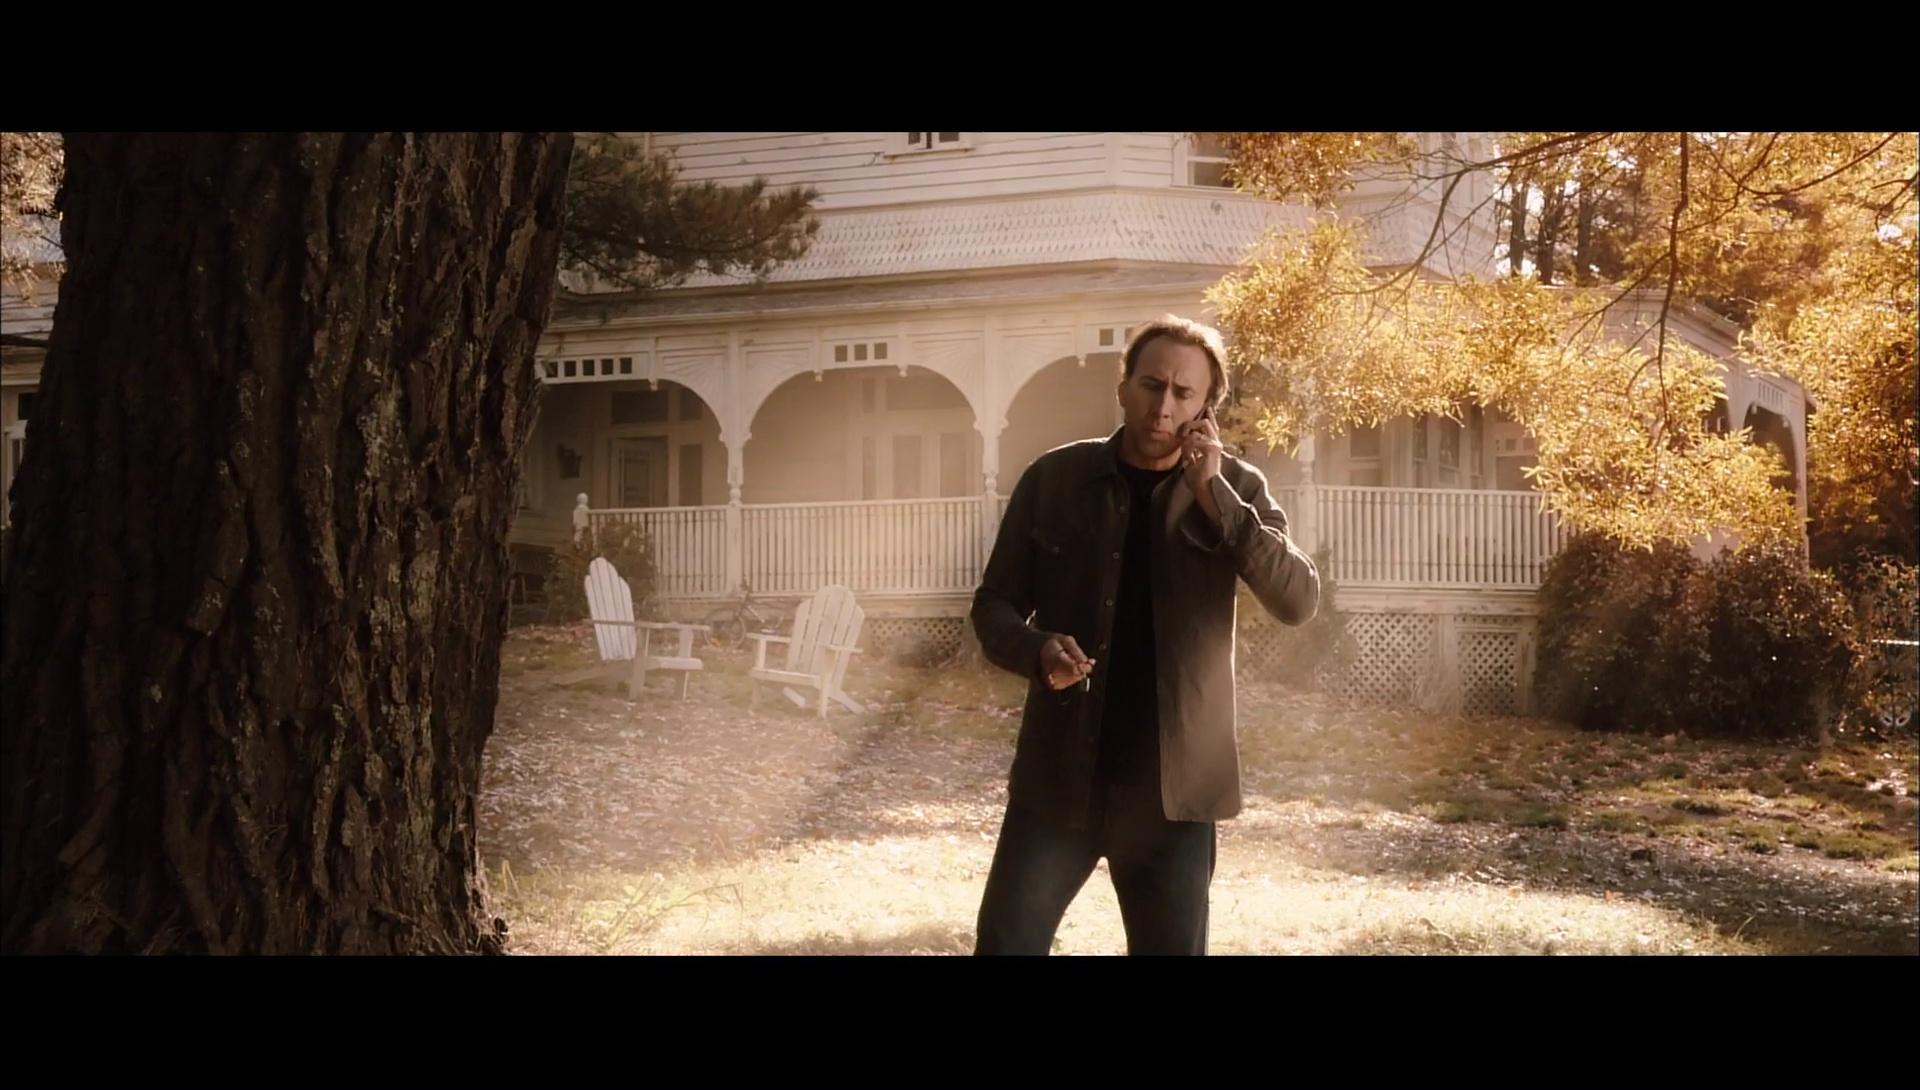 Presagio 1080p Lat-Cast-Ing 5.1 (2009)